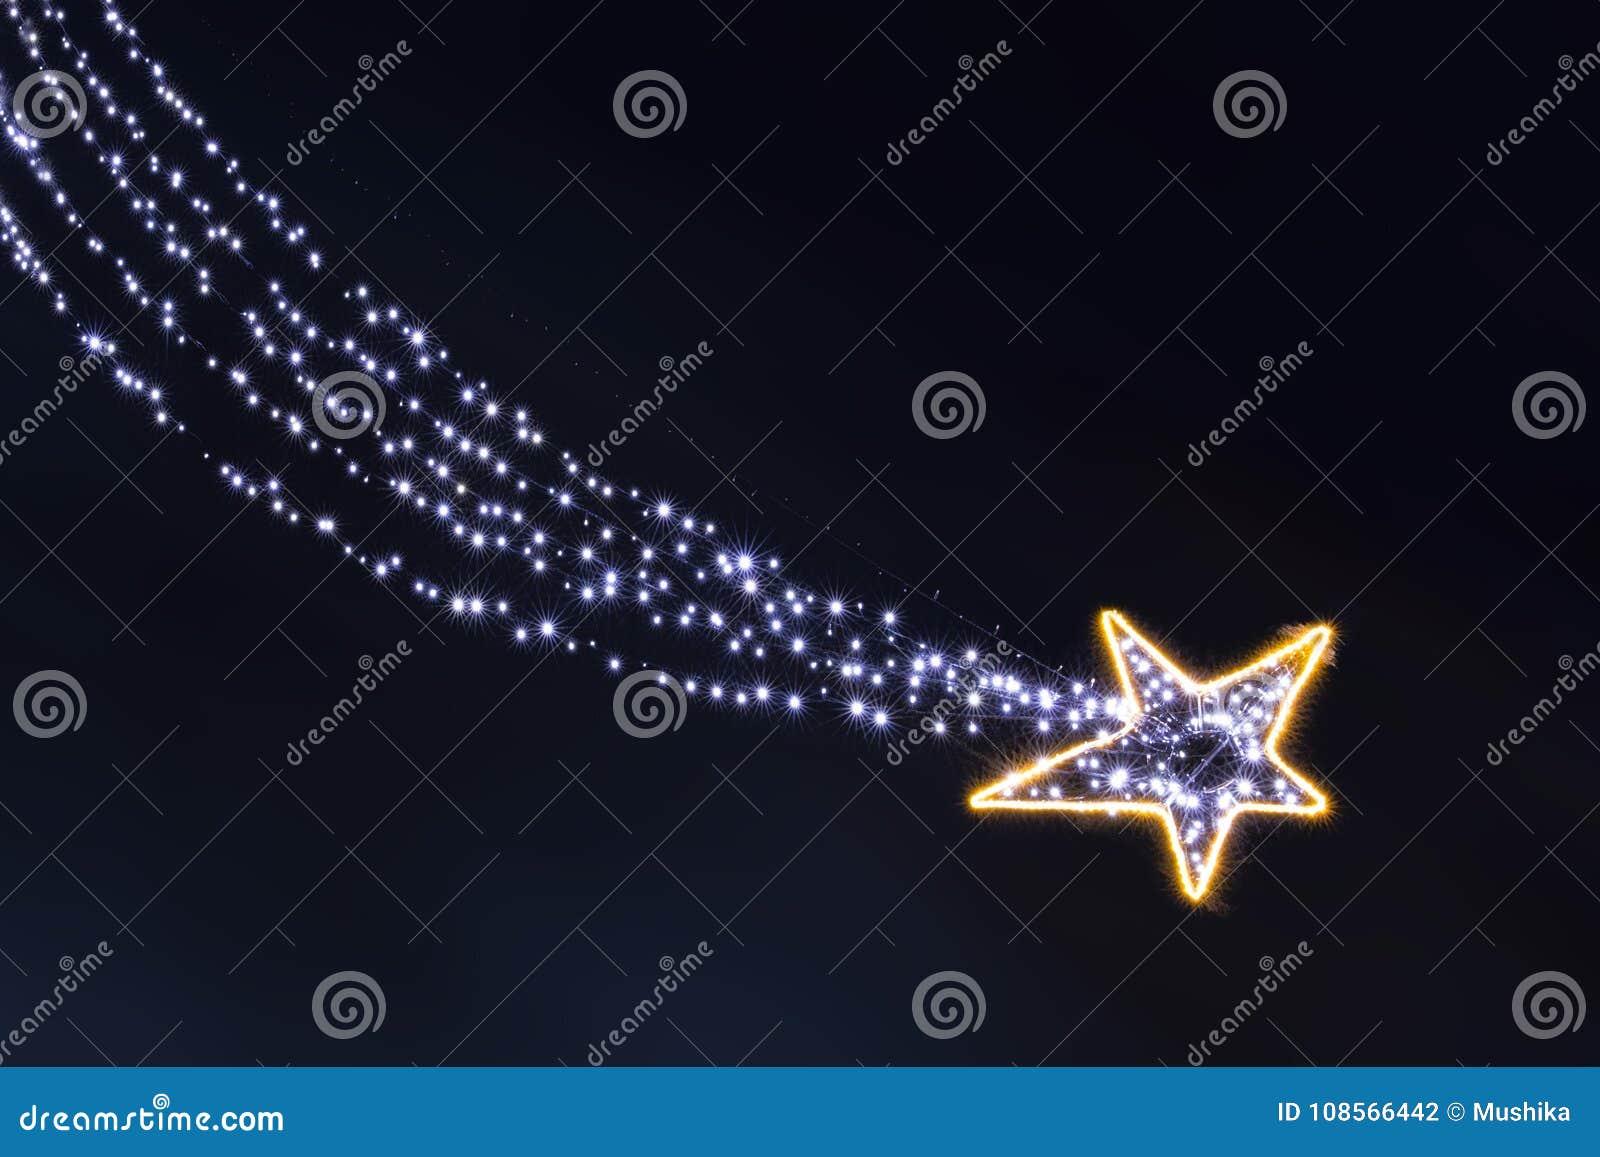 Stella Cadente Di Natale.Stella Cadente Delle Lampadine Della Ghirlanda Di Natale